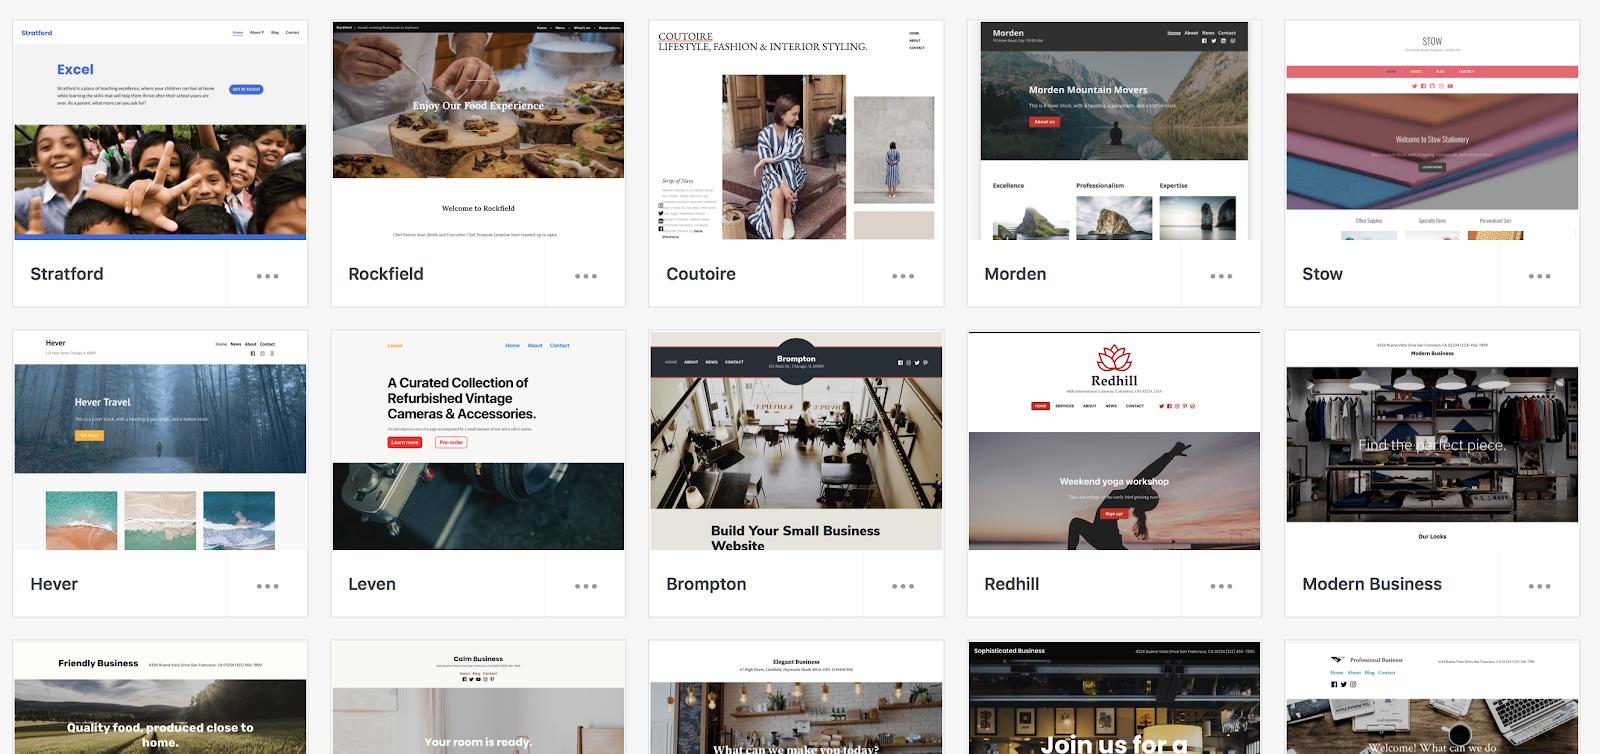 Ejemplos de blogs gratuitos creados en WordPress (captura de pantalla)